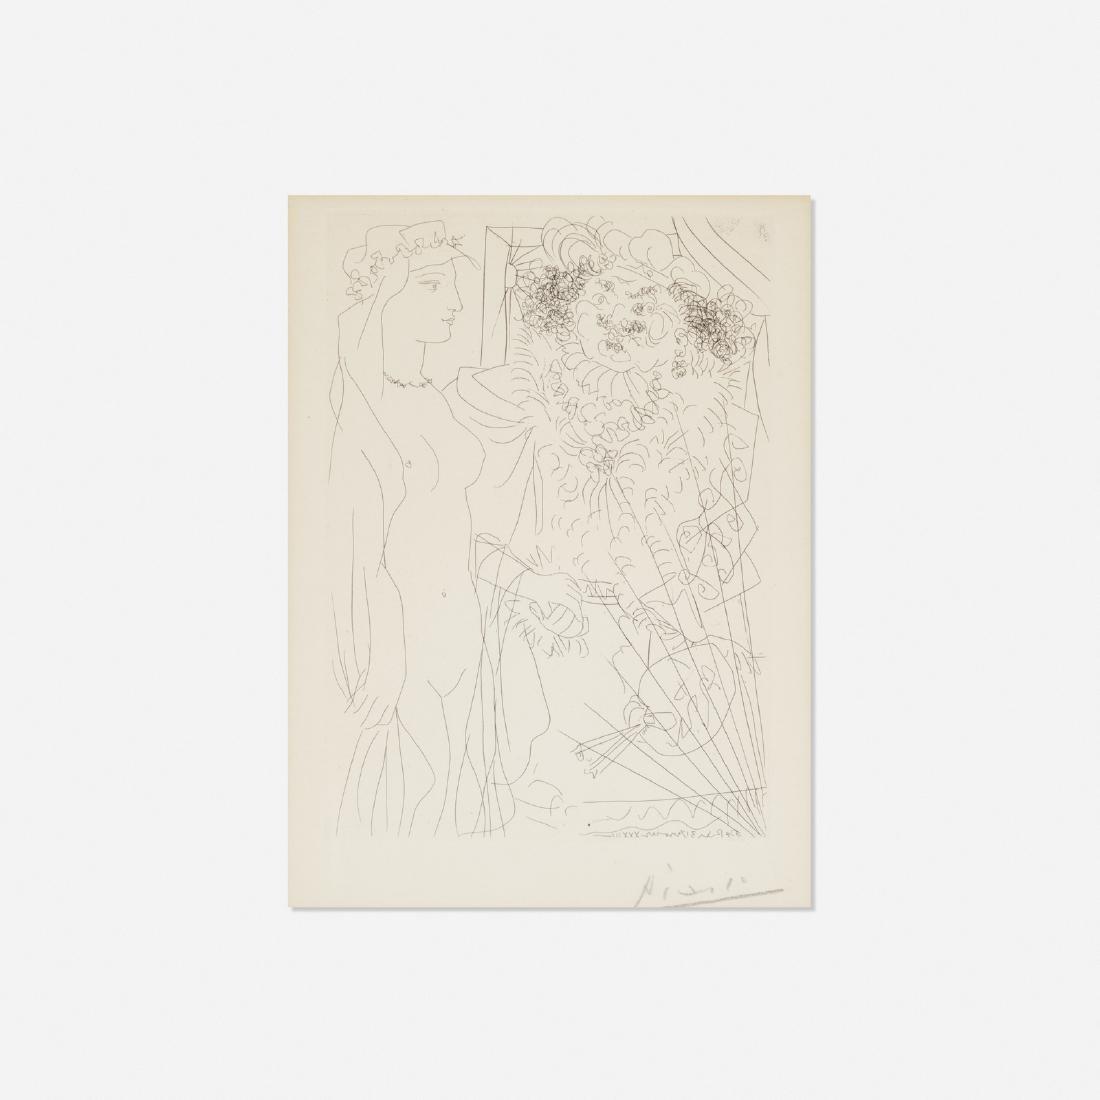 Pablo Picasso, Rembrandt et Femme au Voile